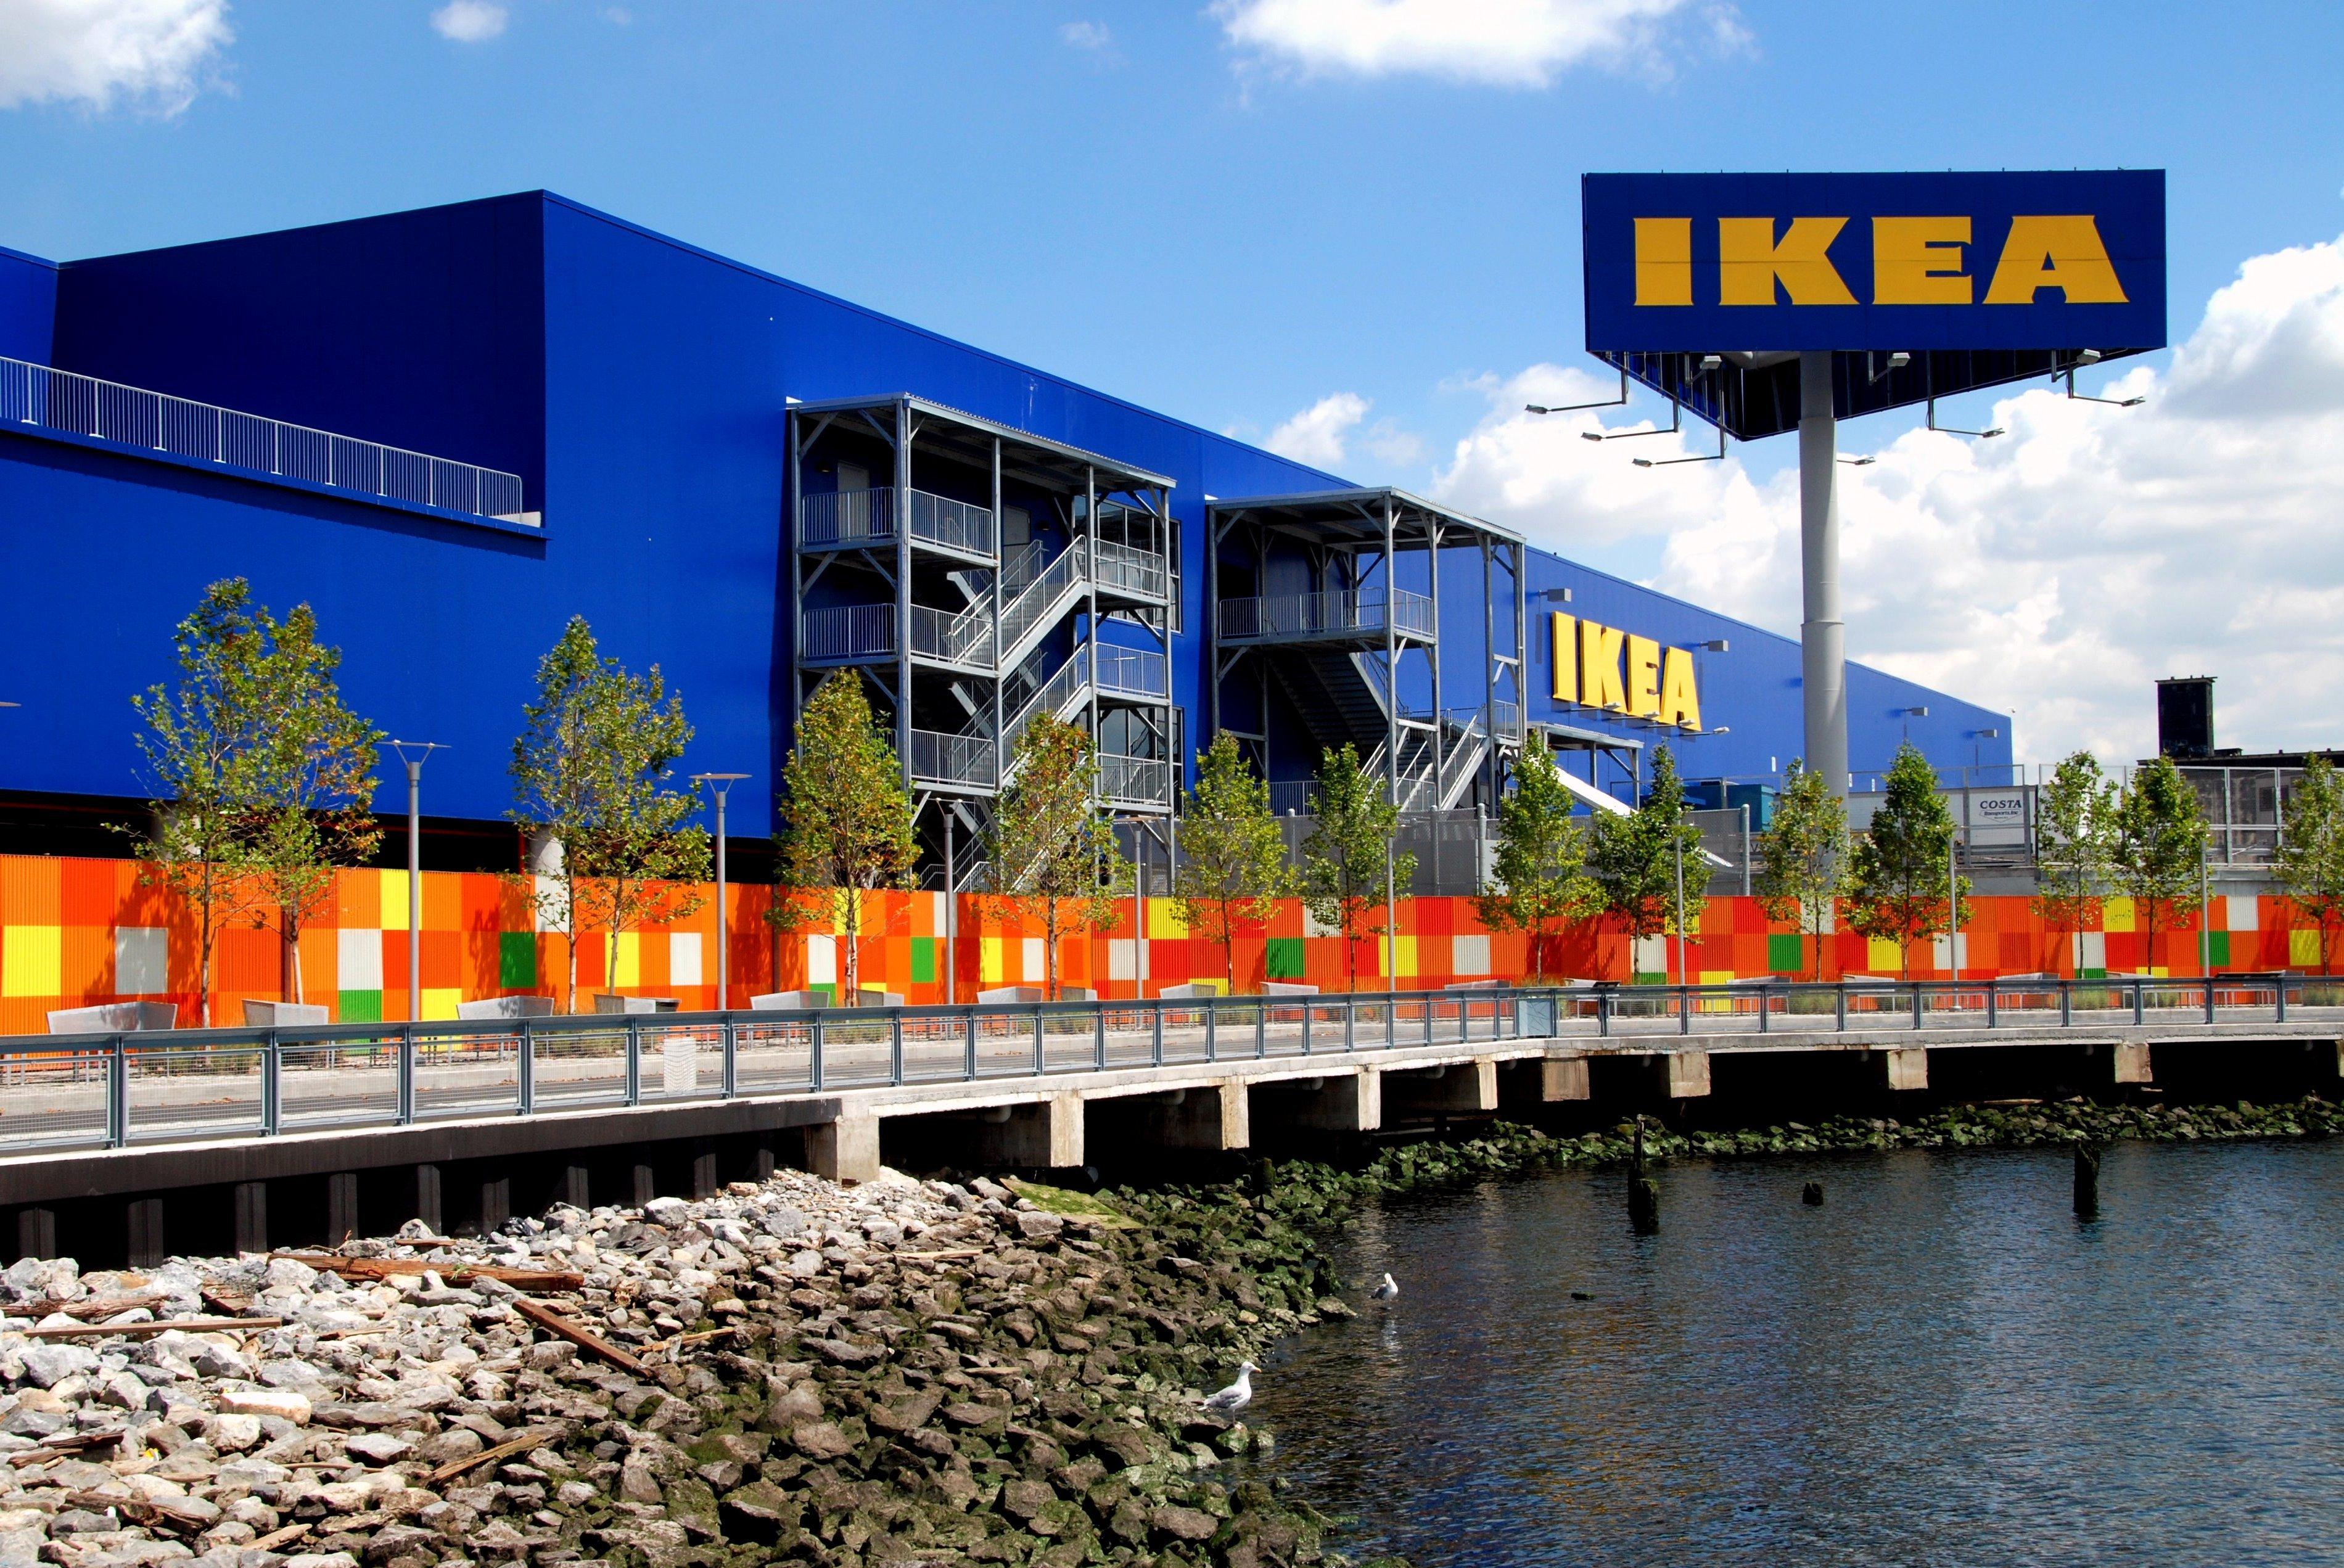 Ikea will open its first Manhattan store